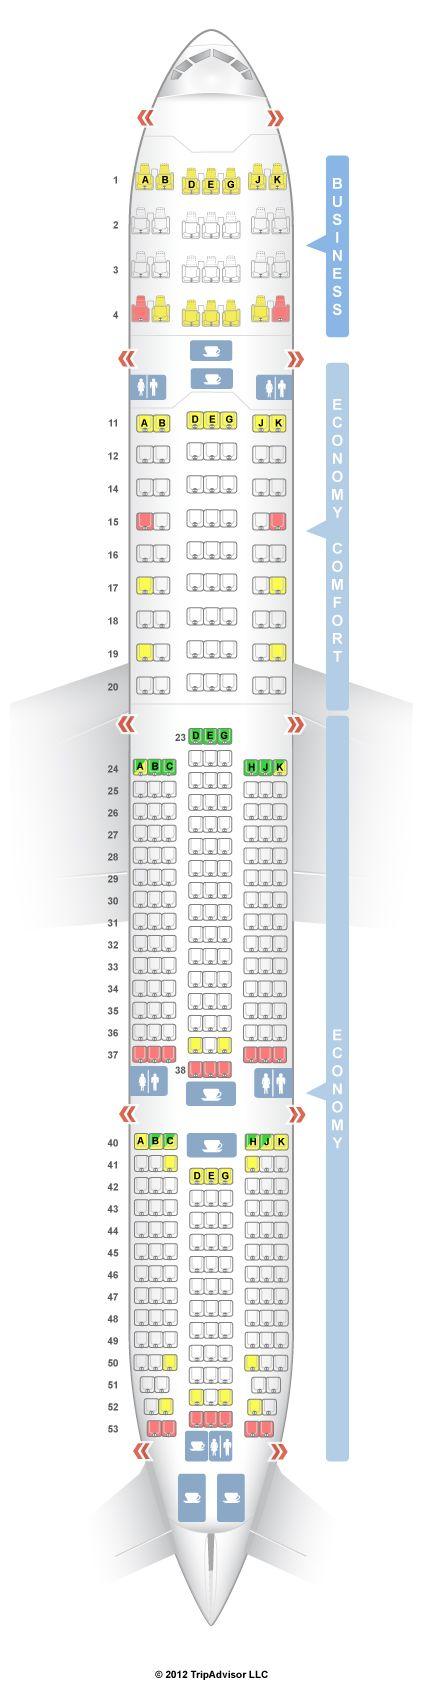 SeatGuru Seat Map Turkish Airlines Boeing 777-300ER (77W) V1